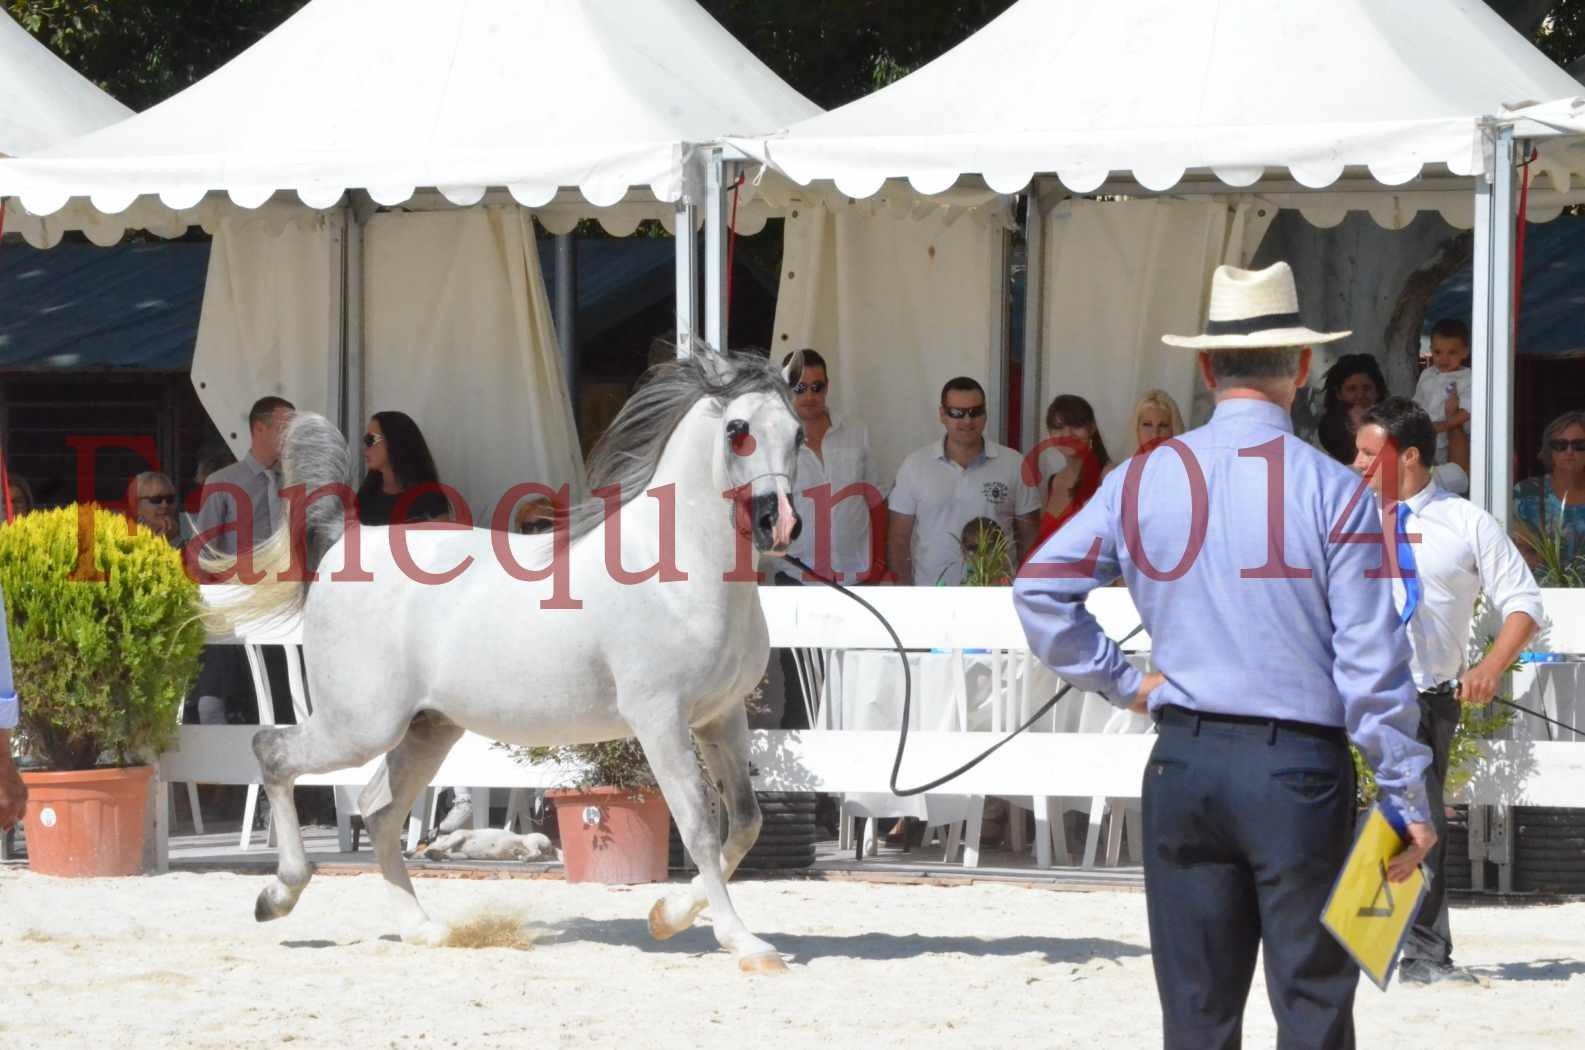 Concours National de Nîmes de chevaux ARABES 2014 - Sélection - SHAOLIN DE NEDJAIA - 66